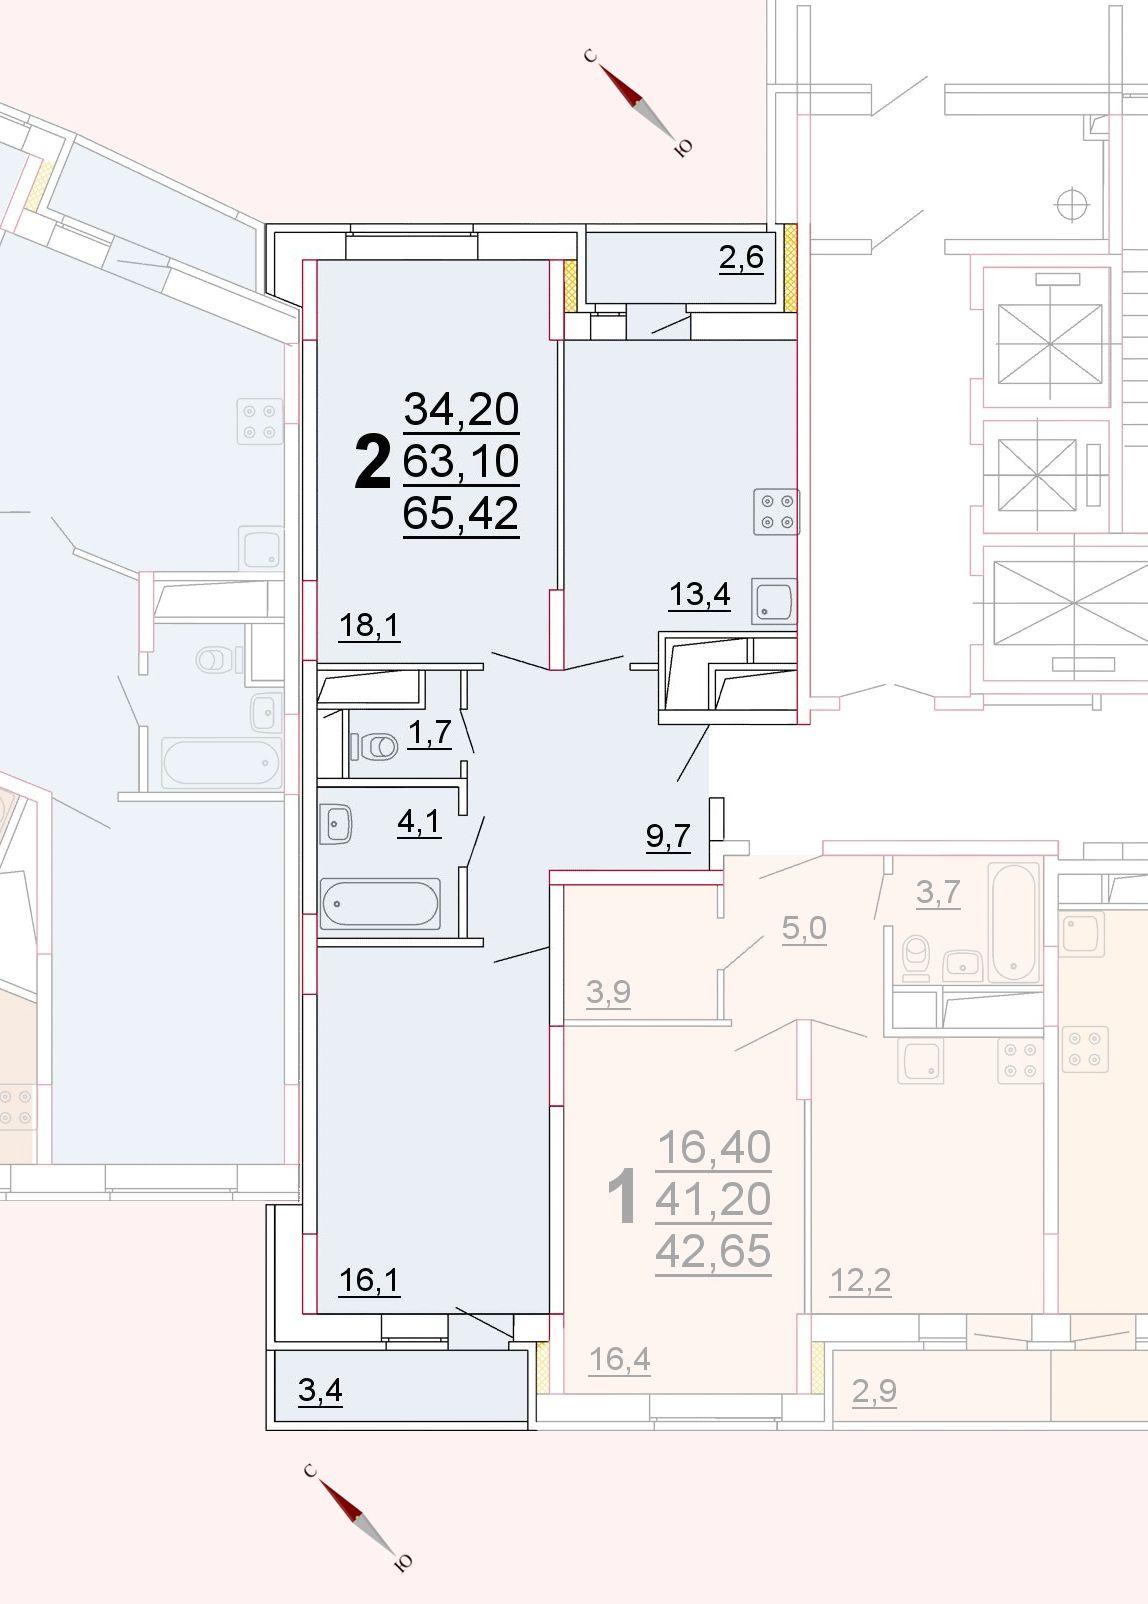 Микрорайон «Центральный», корпус 52г, секция 2, квартира 65,42 м2